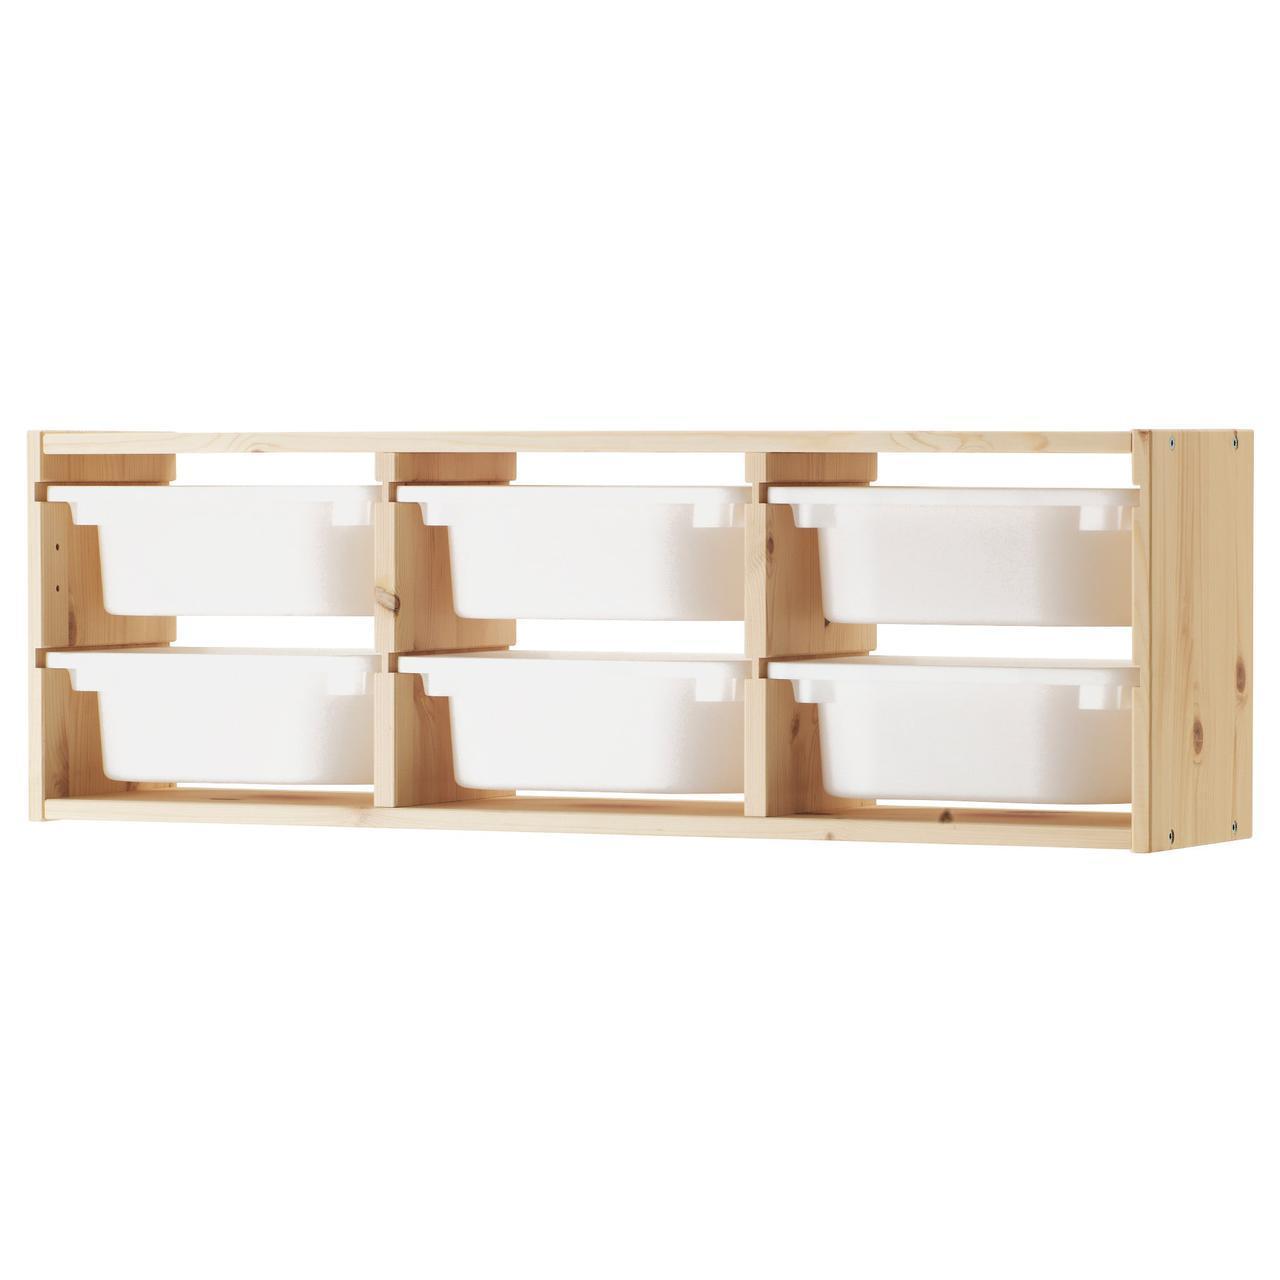 IKEA TROFAST (491.023.04) Настенный шкаф, сосна, светлая сосна, окрашенный белый, черный